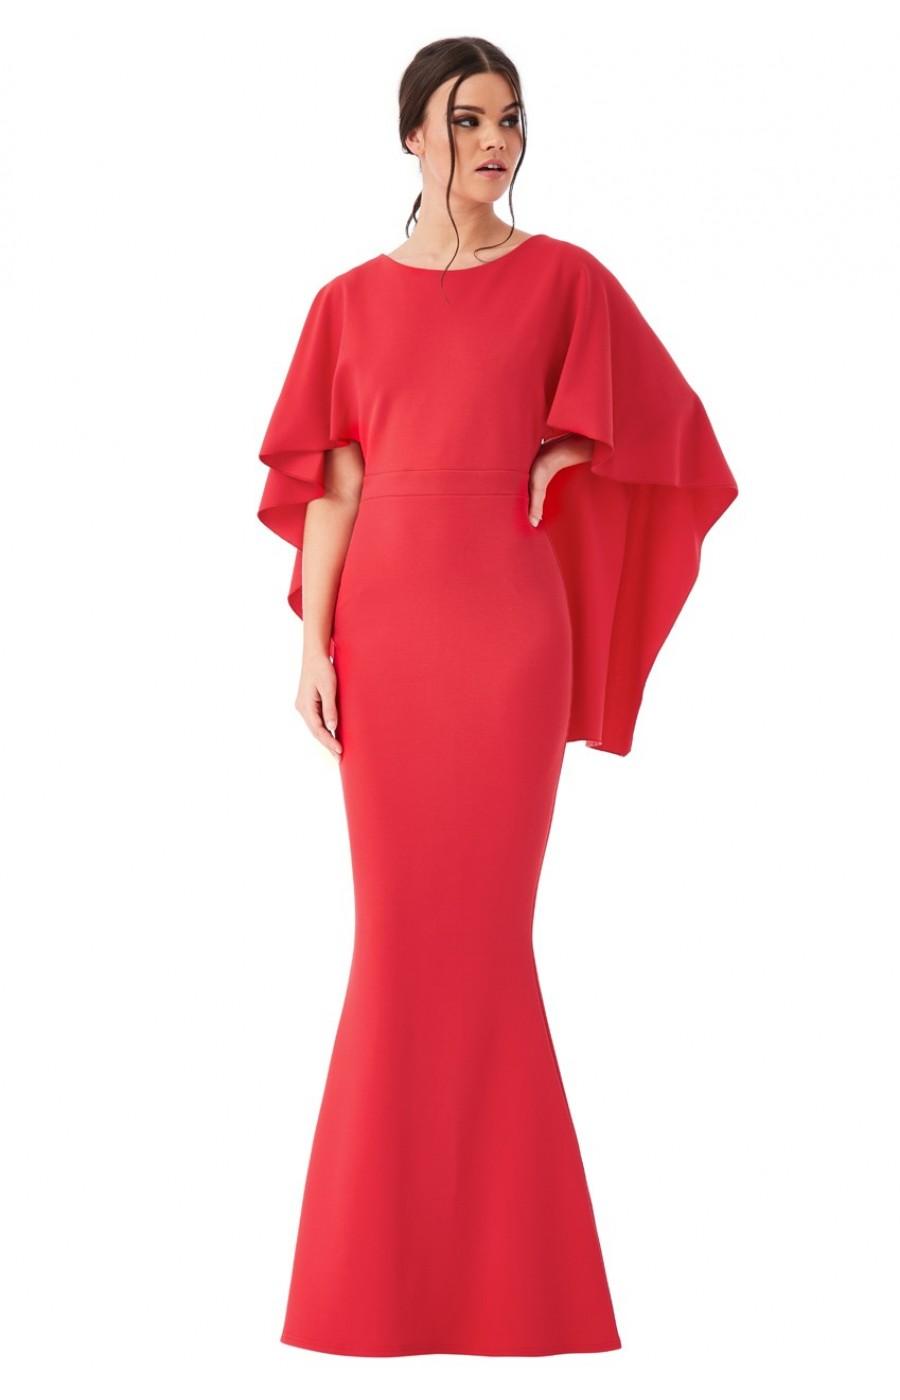 Κοκκινο κρέπ φόρεμα με ανοικτή πλάτη